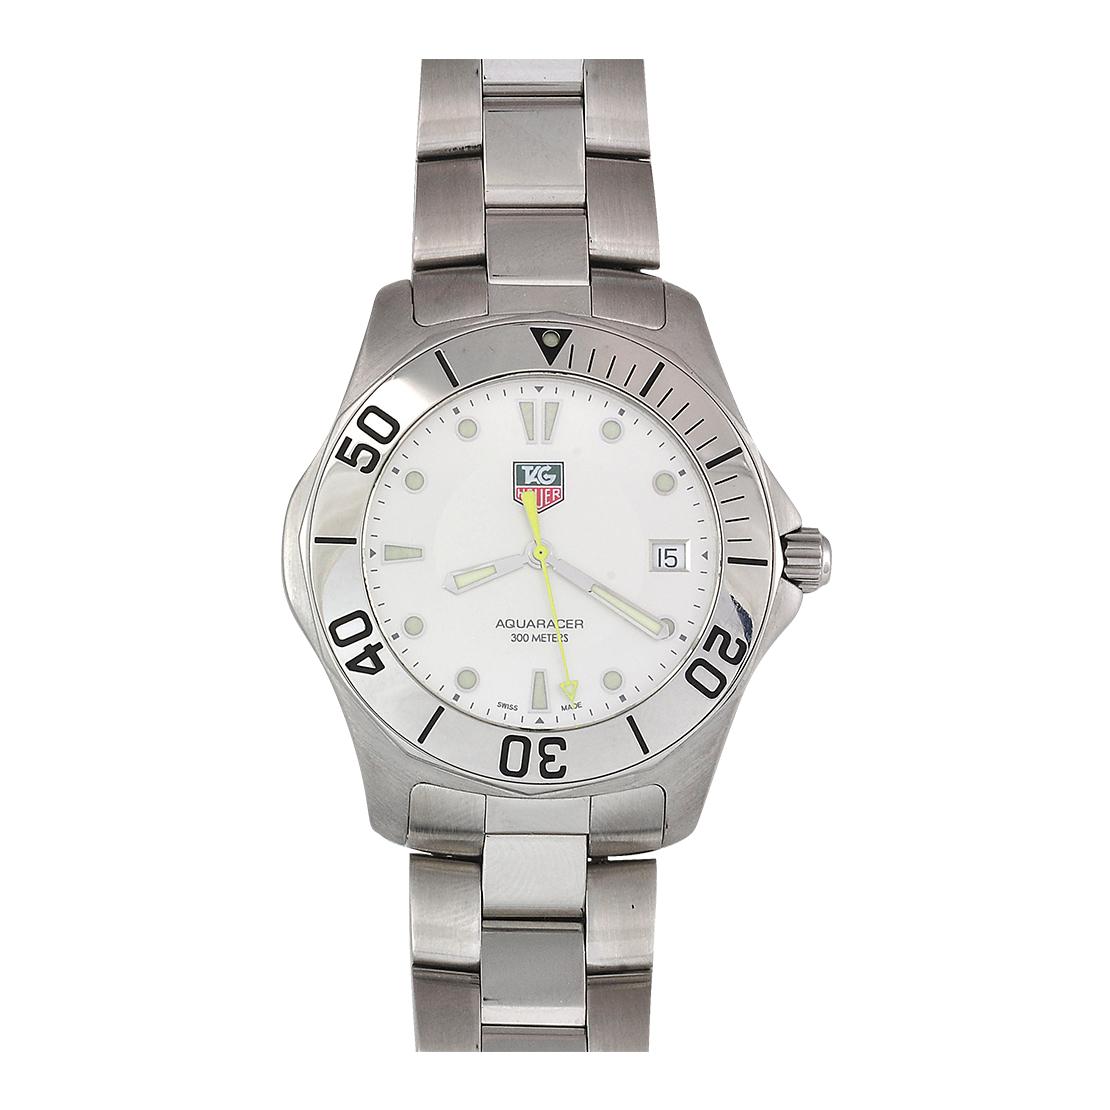 Tag Heuer Waterproof Stainless Steel watch